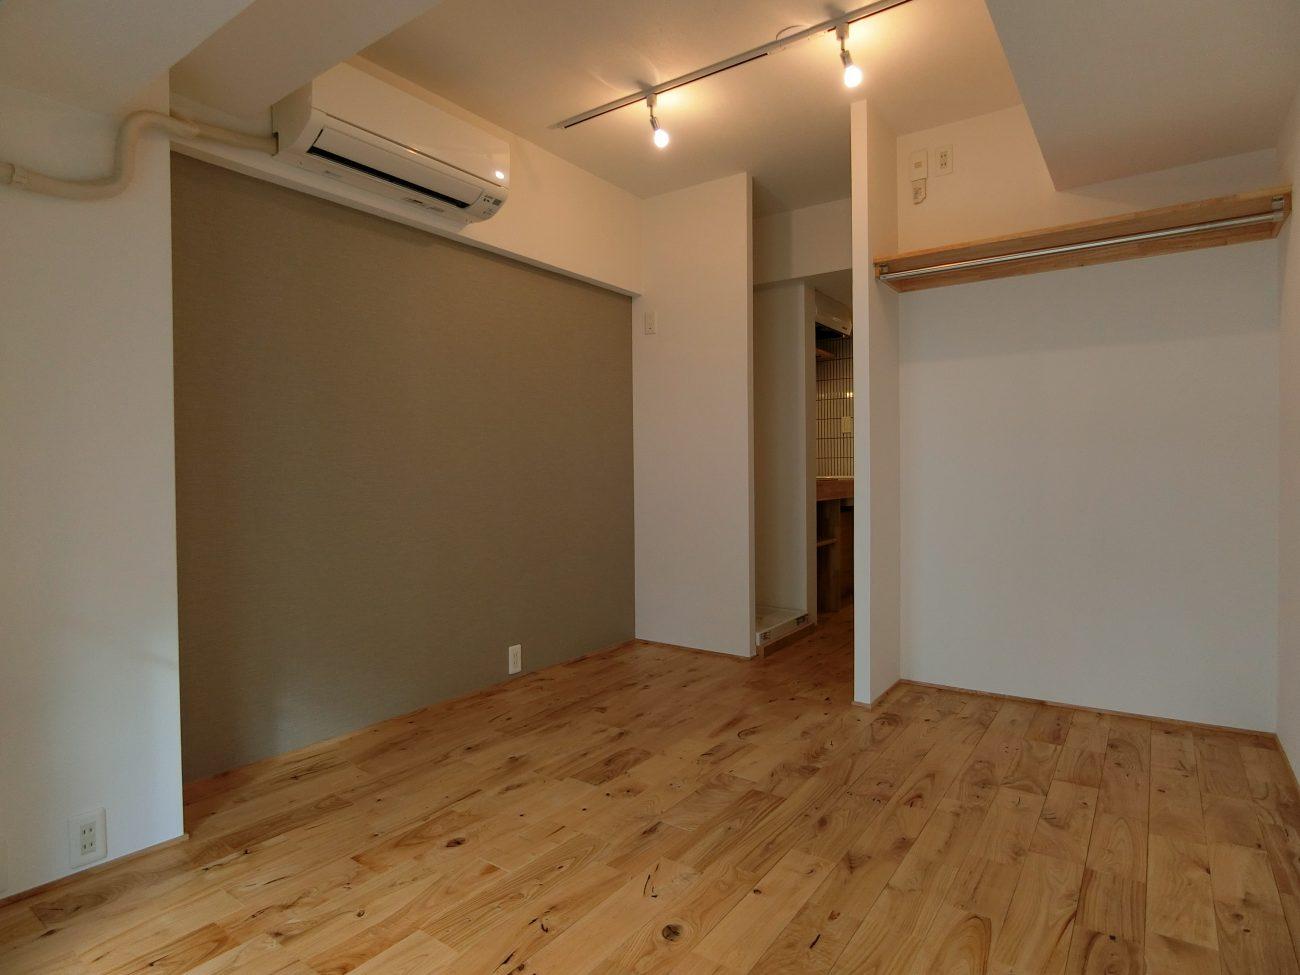 大きな窓とヤマグリの床【新宿区牛込神楽坂駅・賃料UPに成功したリノベーション事例】の画像